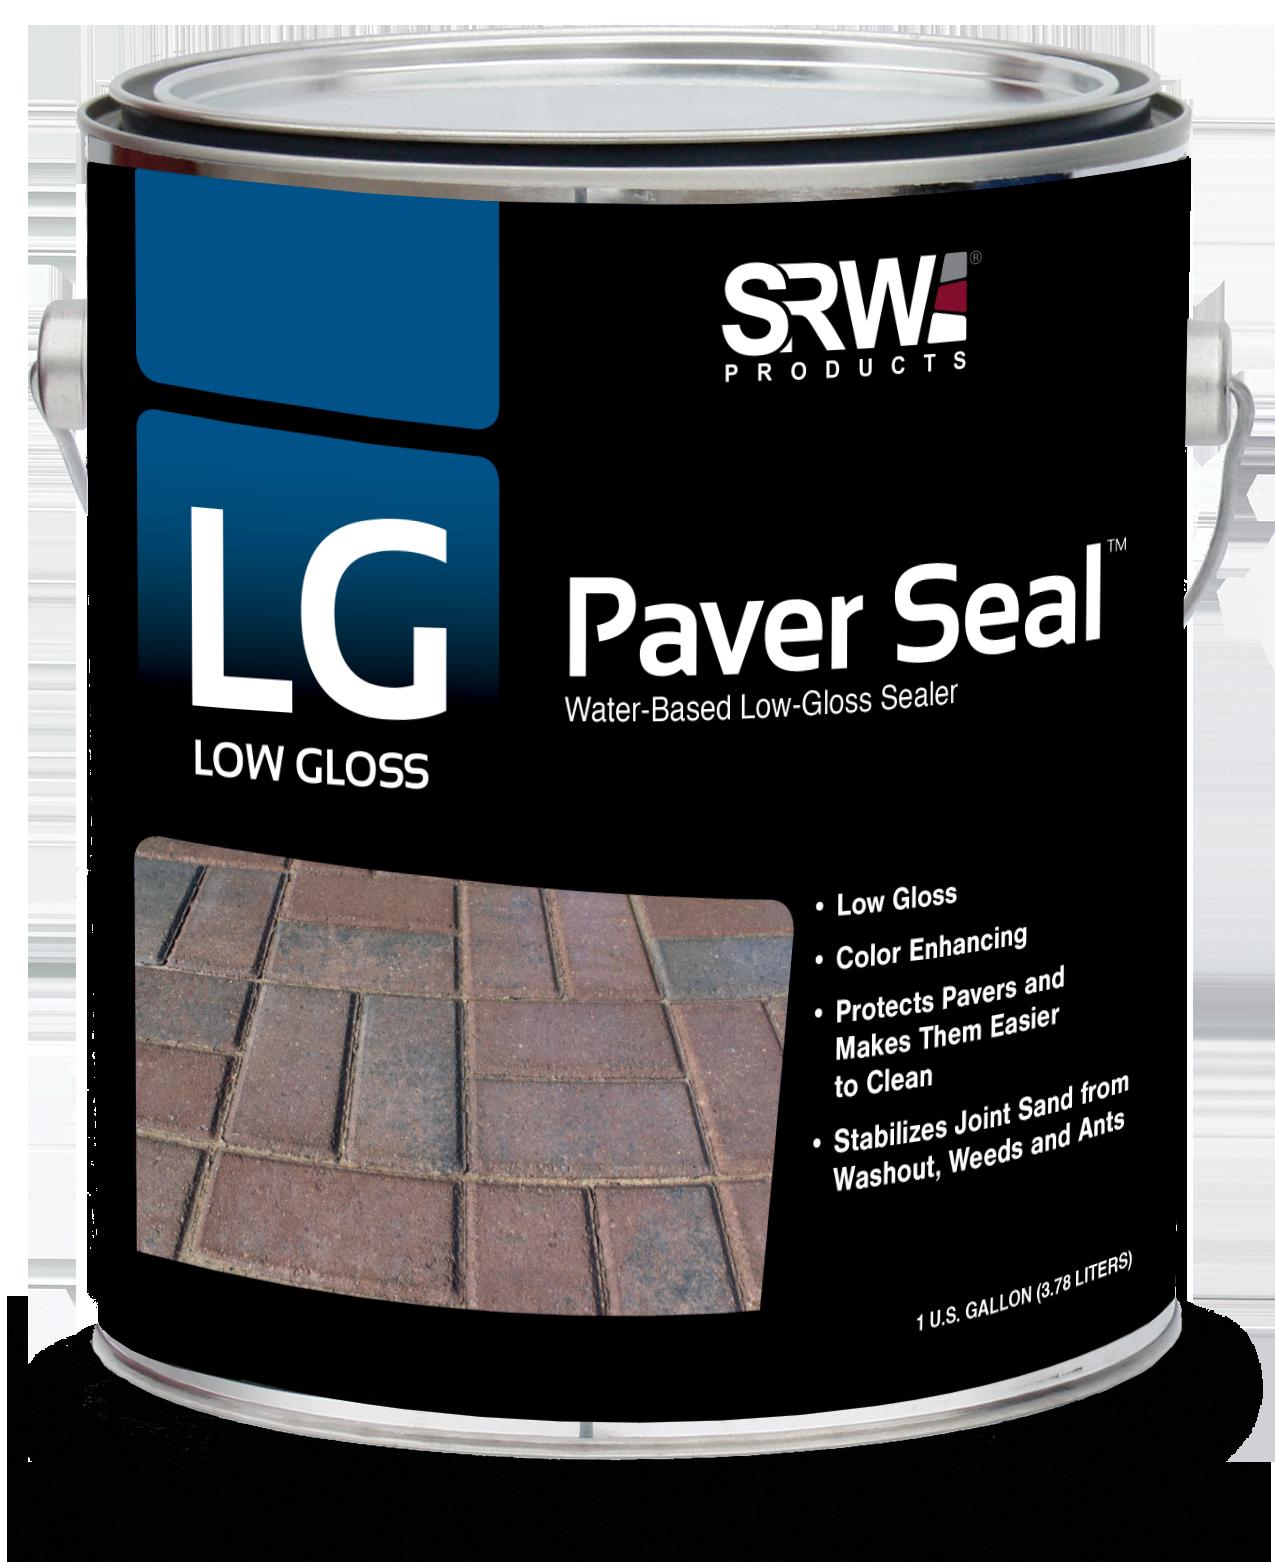 LG_1Gallon_Paver-Seal_2019_RGB_SHADOW